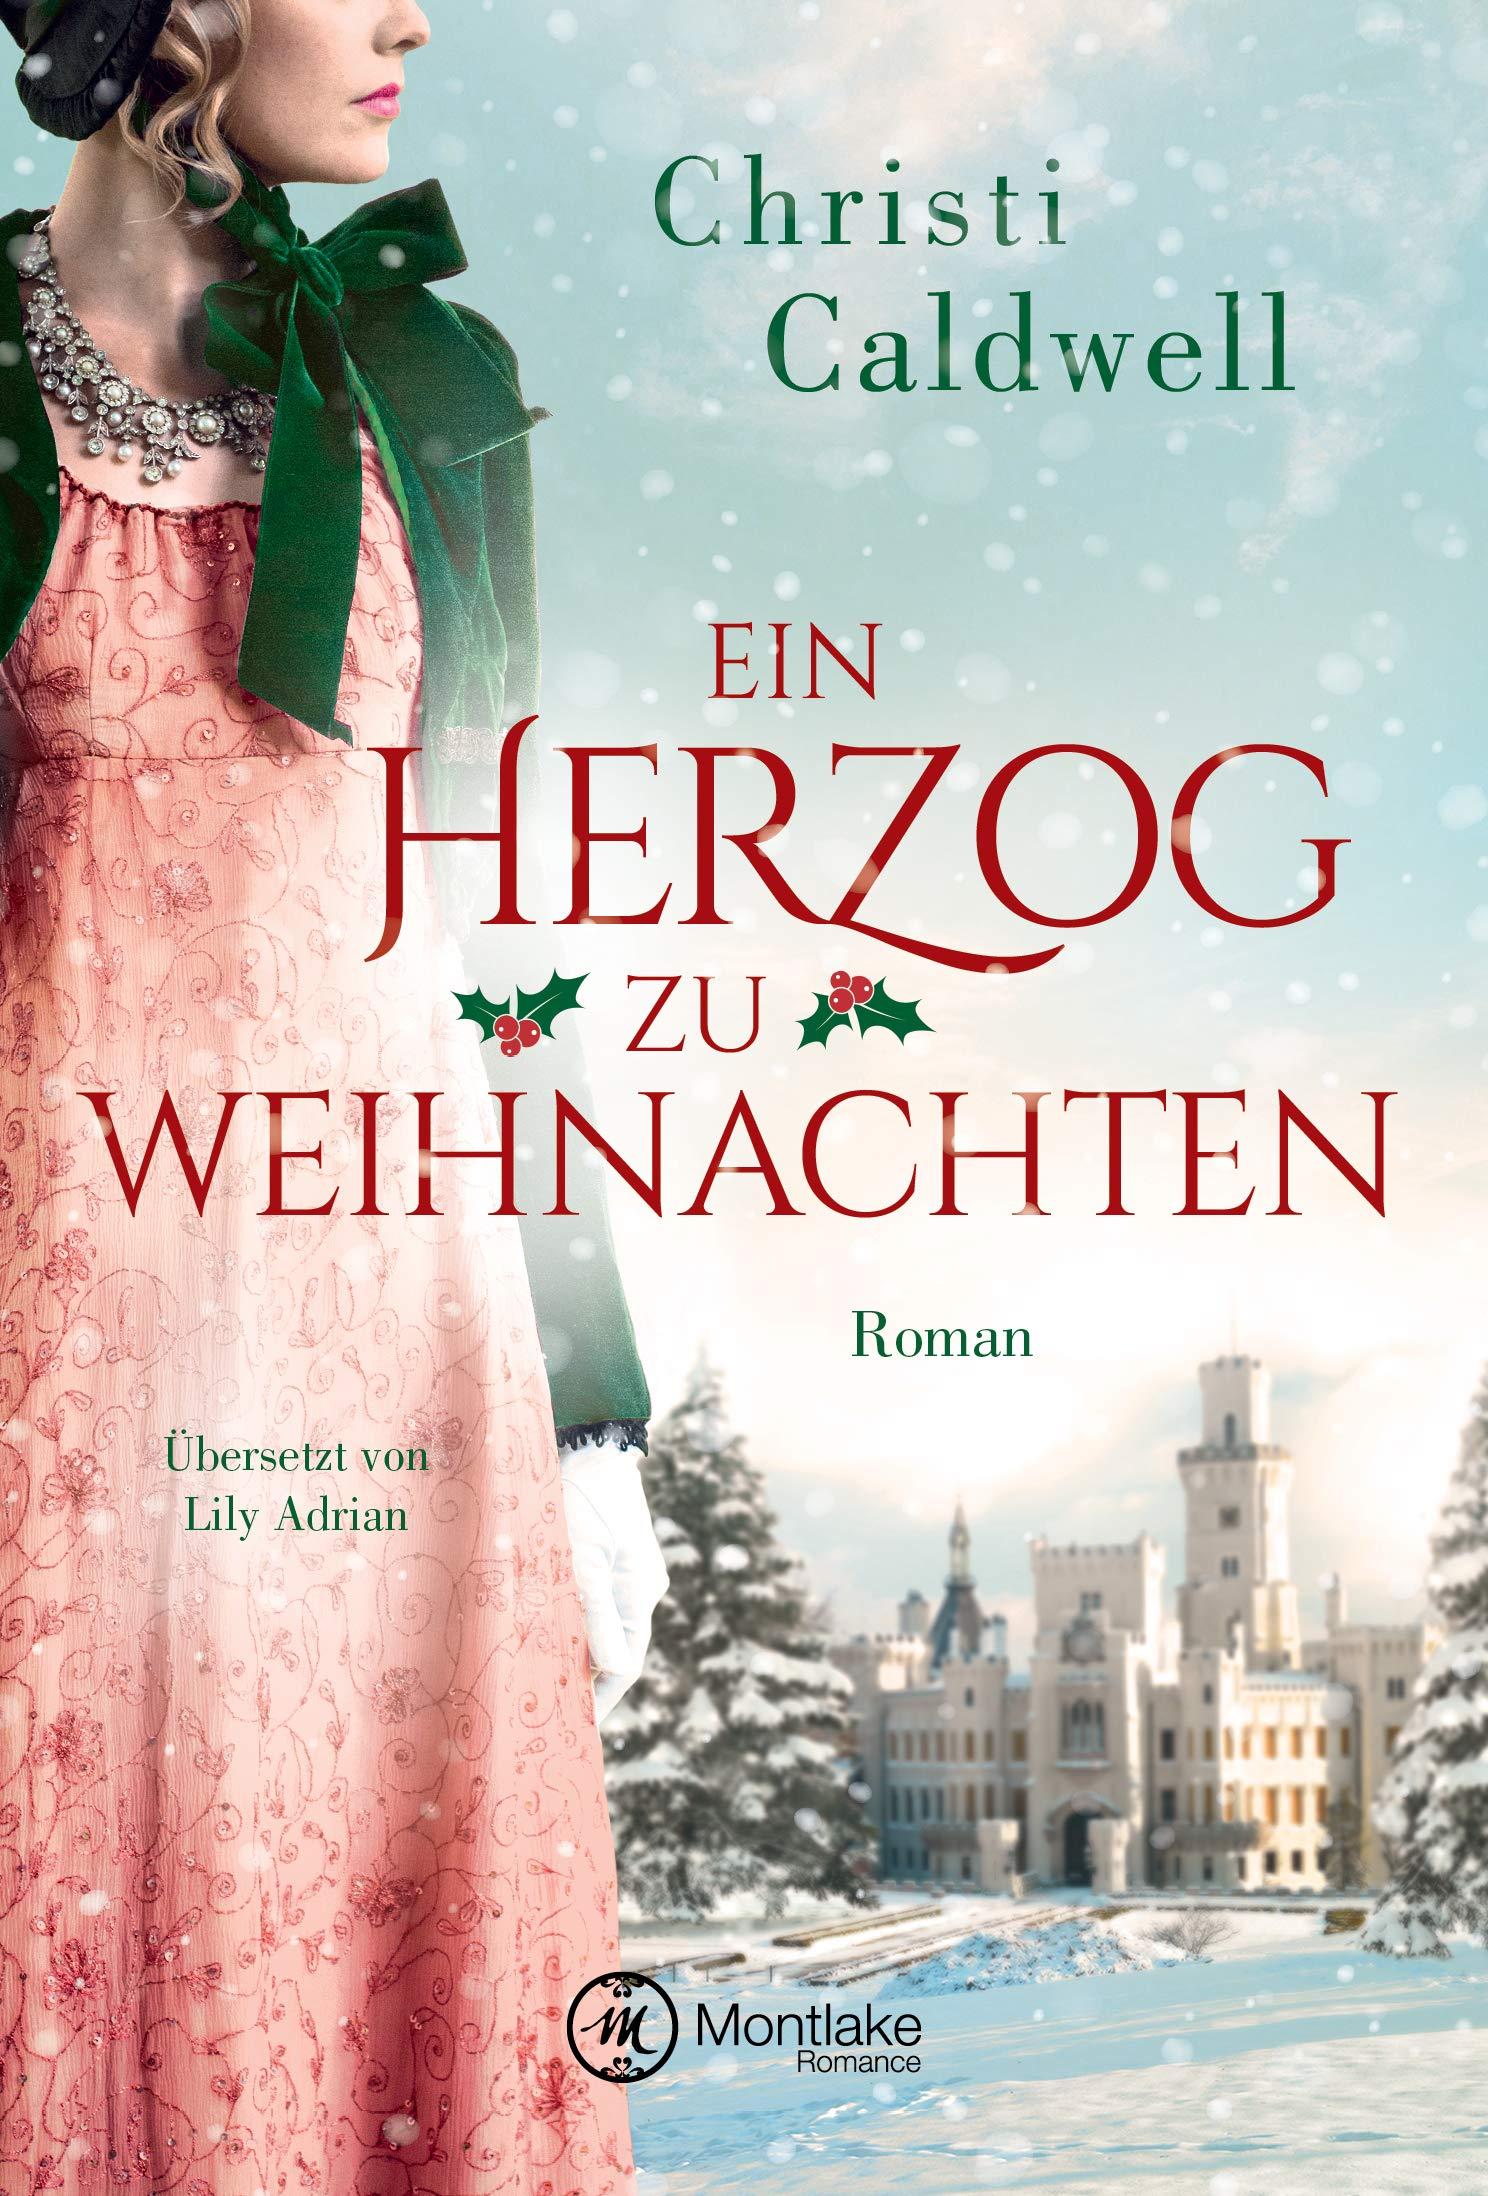 Ein Herzog zu Weihnachten: Amazon.de: Christi Caldwell, Lily Adrian ...